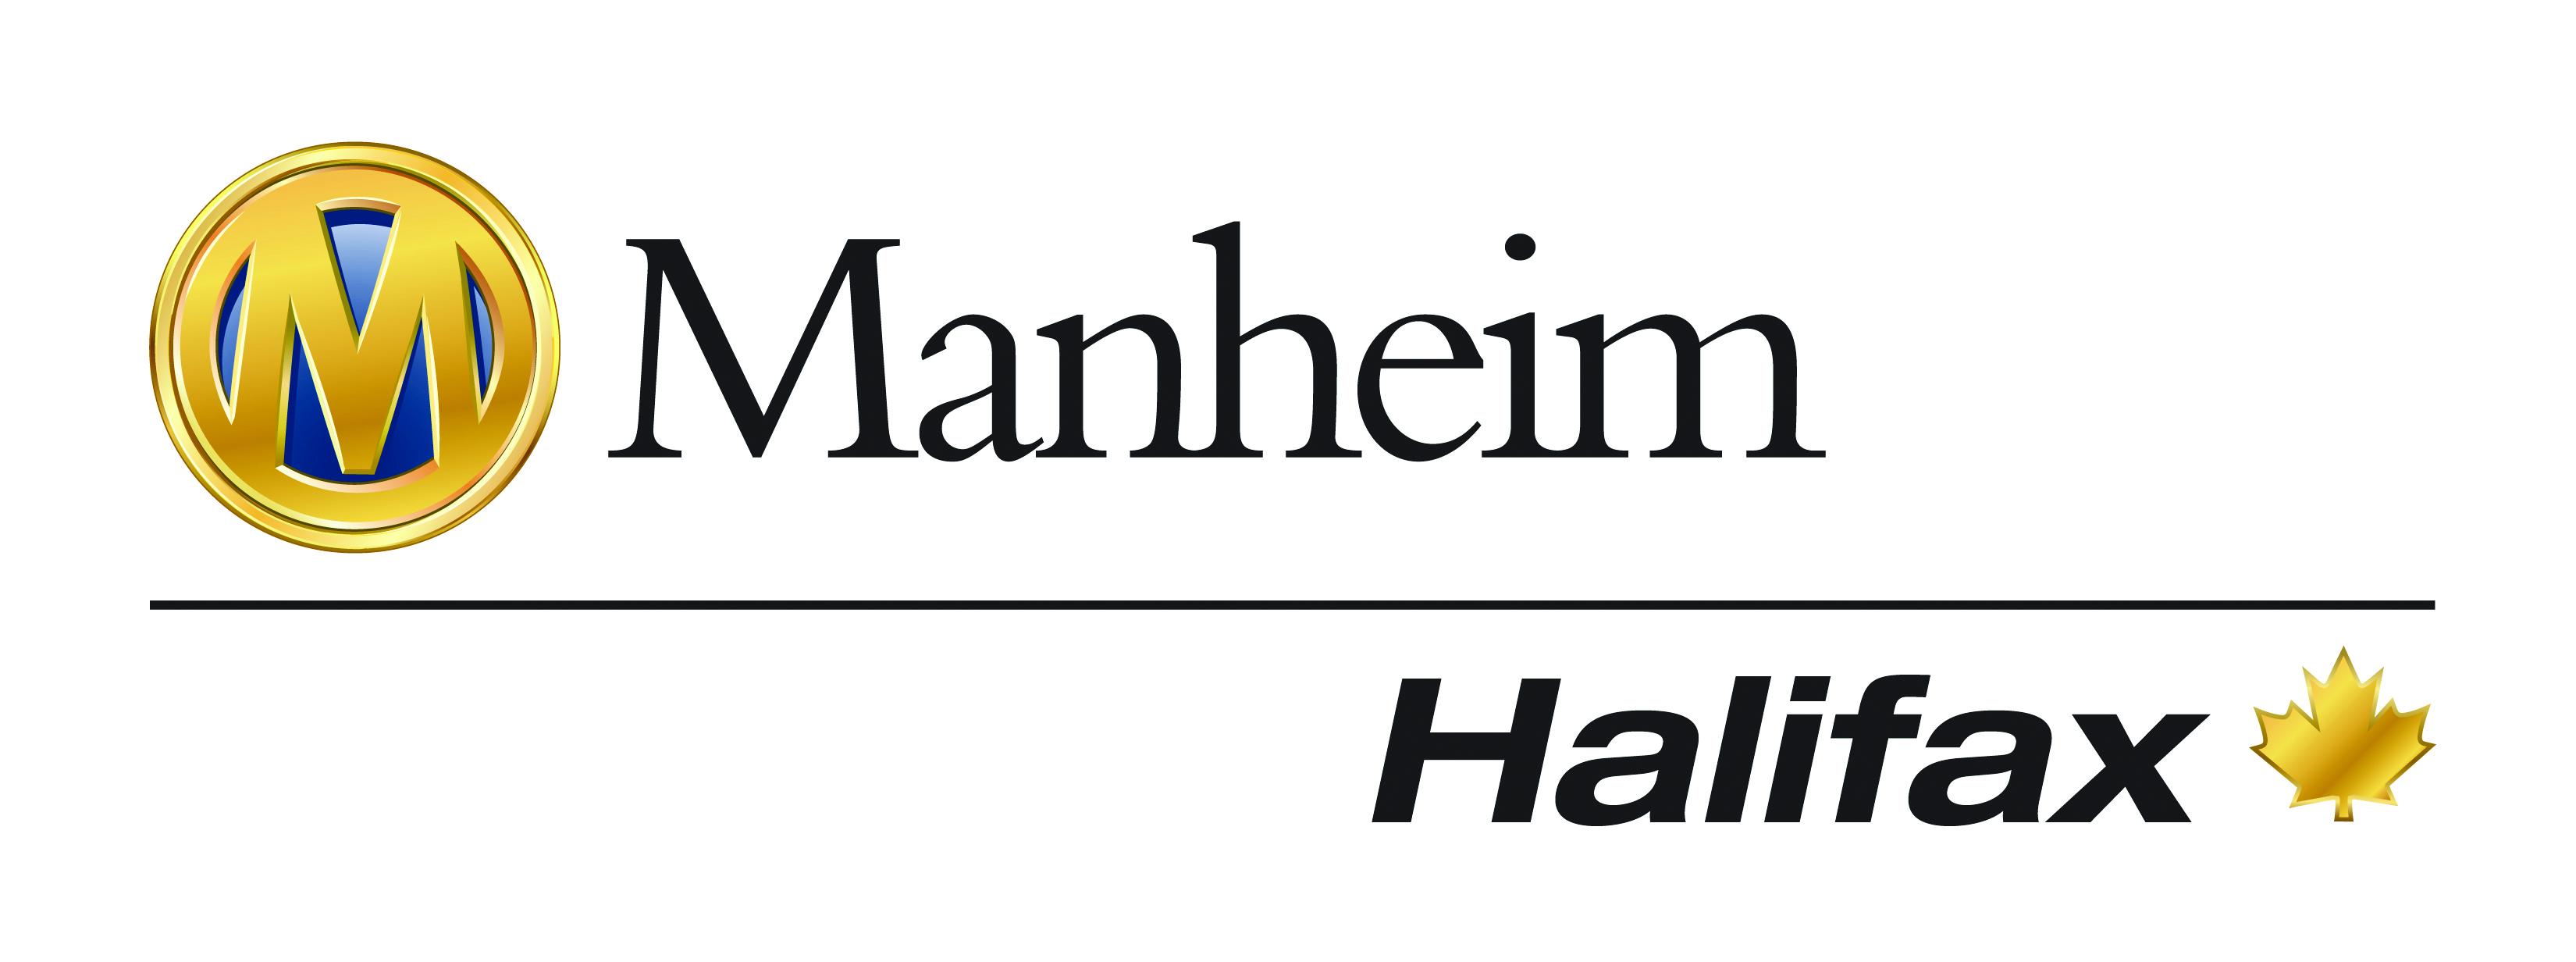 Manheim's